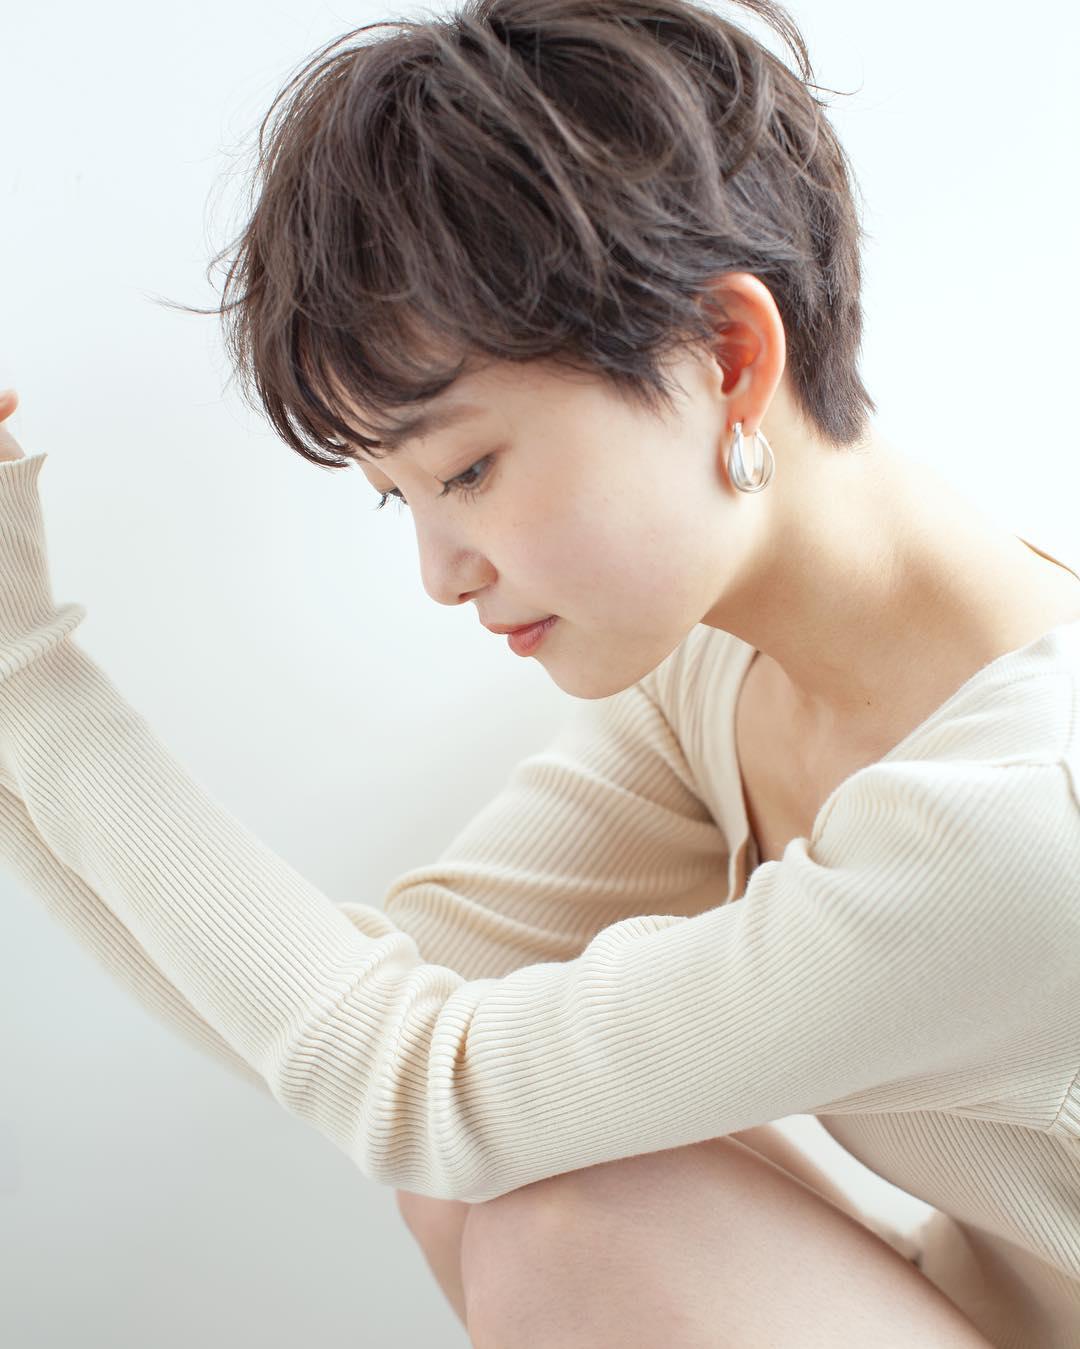 短髮的季節來了!絕對值得剪髮前參考的日本女生2019人氣短髮造型     美人計   妞新聞 niusnews